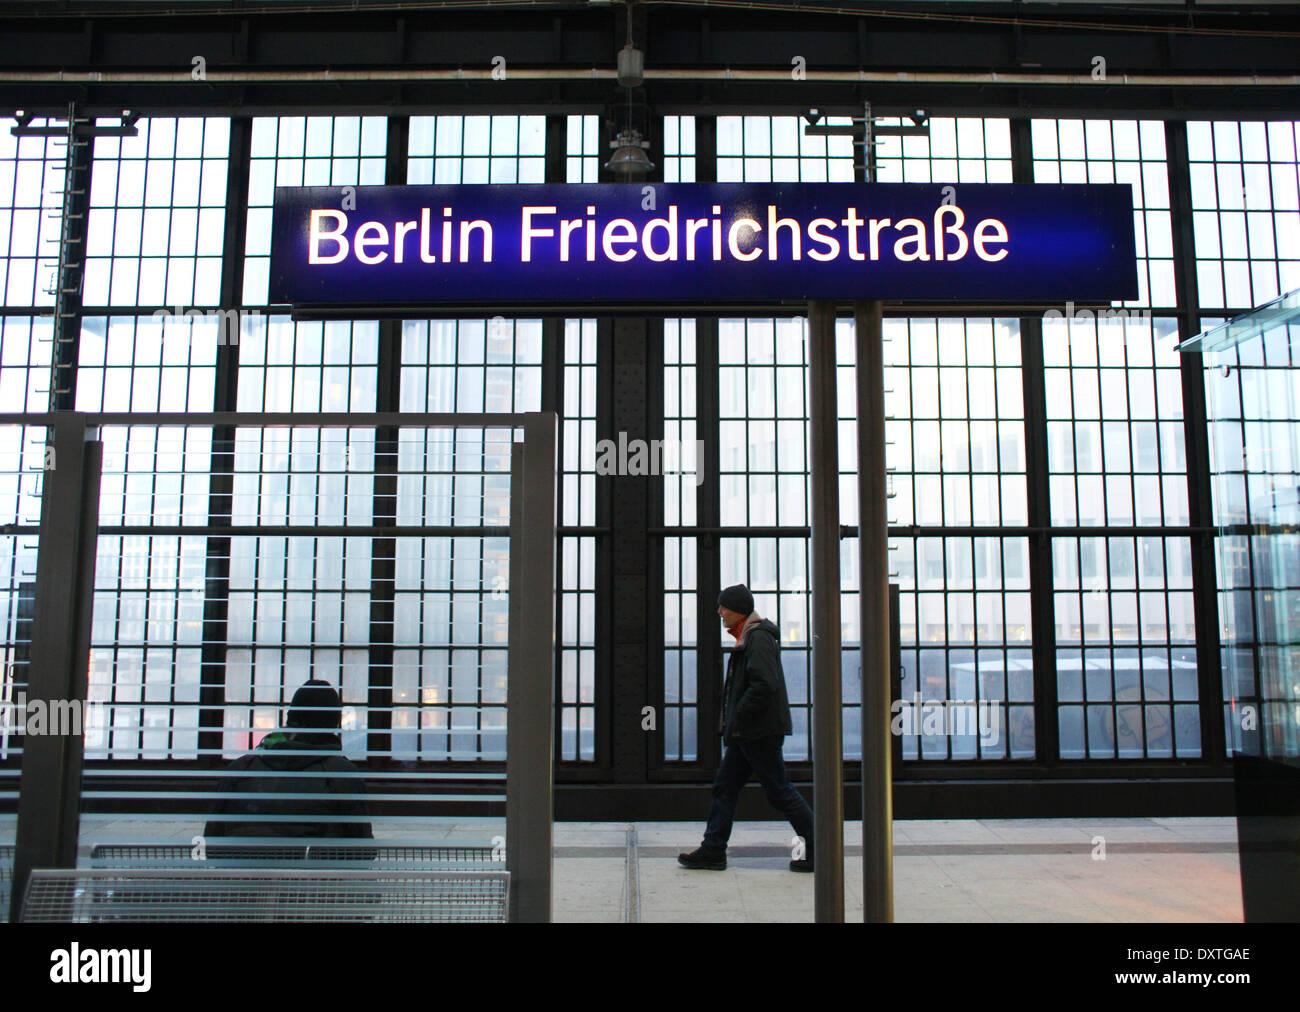 Ein Mann geht am 01.02. 2014 auf einem Bahnsteig am S-Bahnhof Friedrichstraße in Berlin. Die S-Bahn in Berlin wird von der deutschen Bahn betrieben. Der Bahnhof an der Friedrichstraße ist einer der wichtigsten Verkehrsknotenpunkte im Verkehr in Berlin. Hier halten auch viele U-Bahnen und Nahverkehrszüge. Foto: Wolfram Steinberg dpa Stock Photo